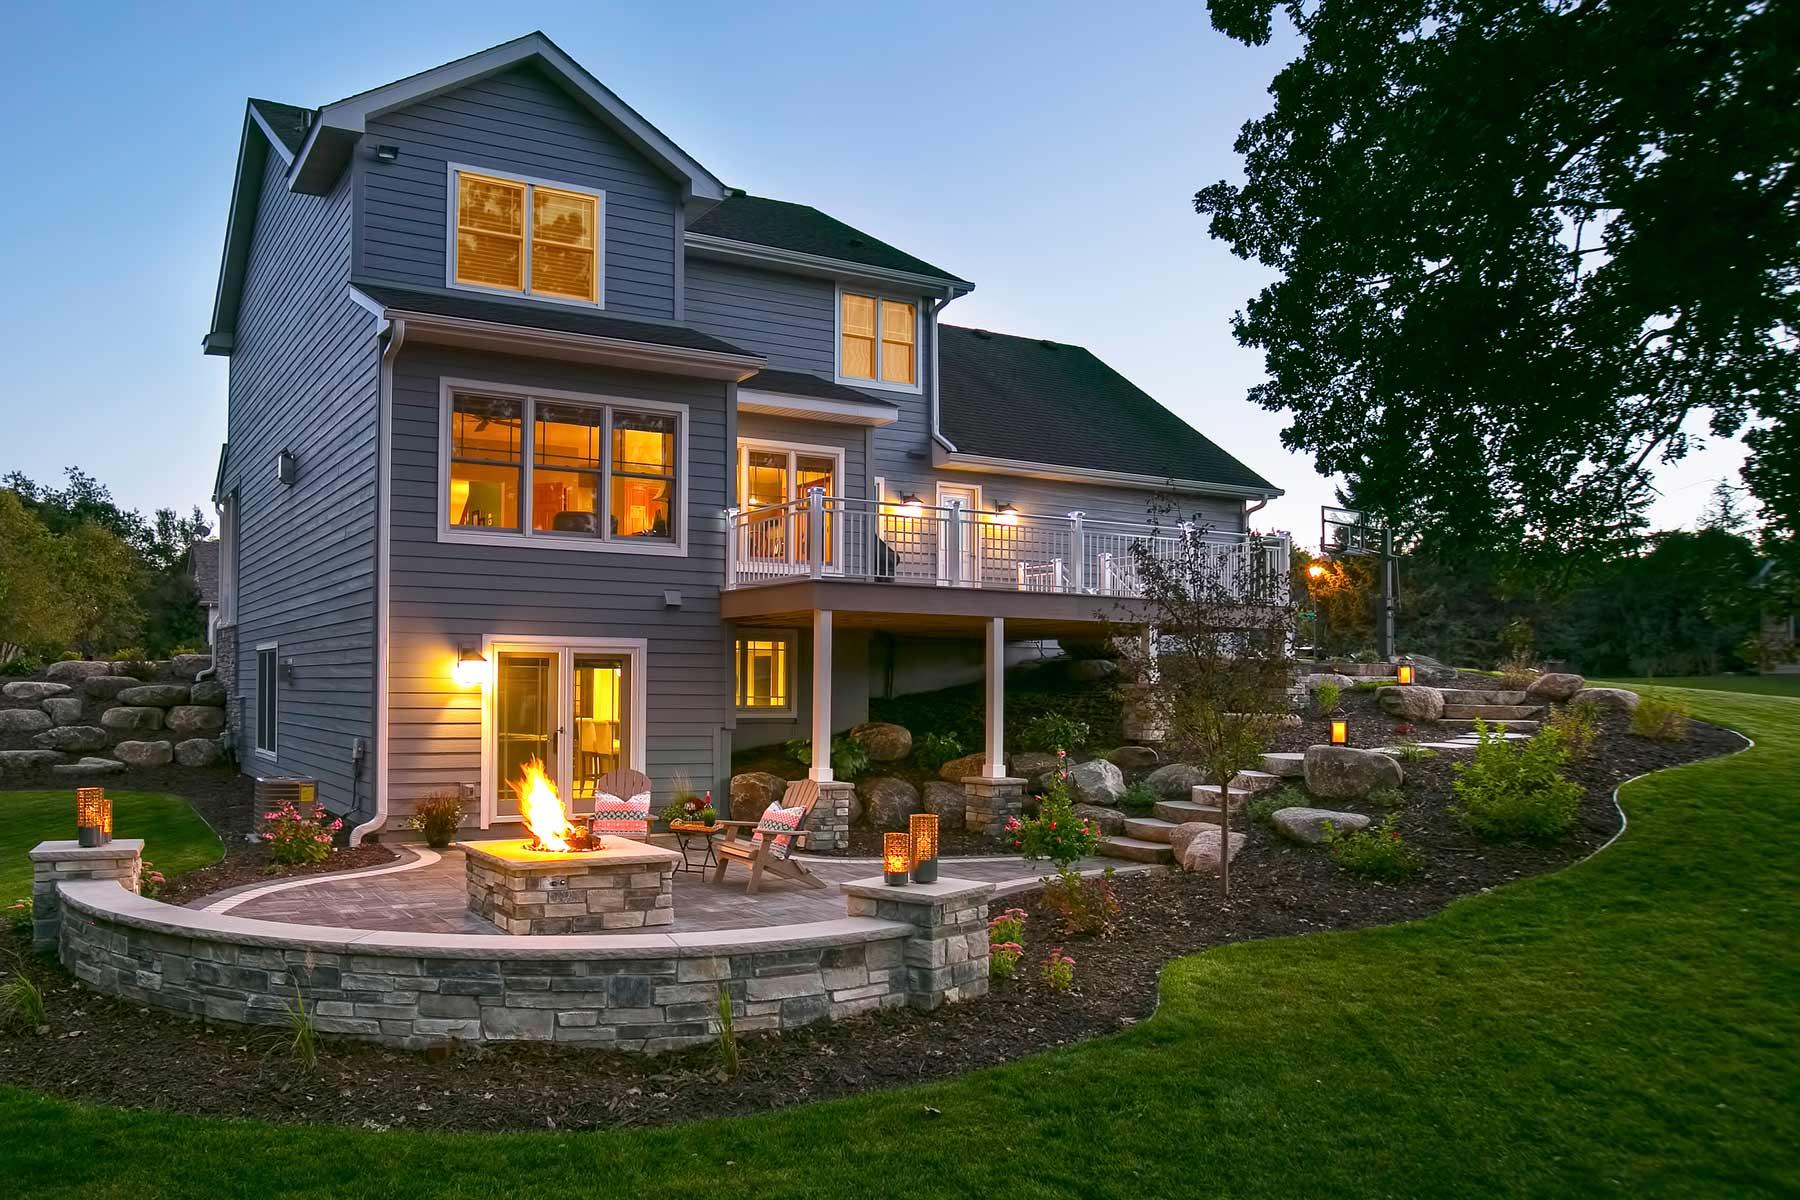 100 Jd Home Design Center Inc Custom Home Builder